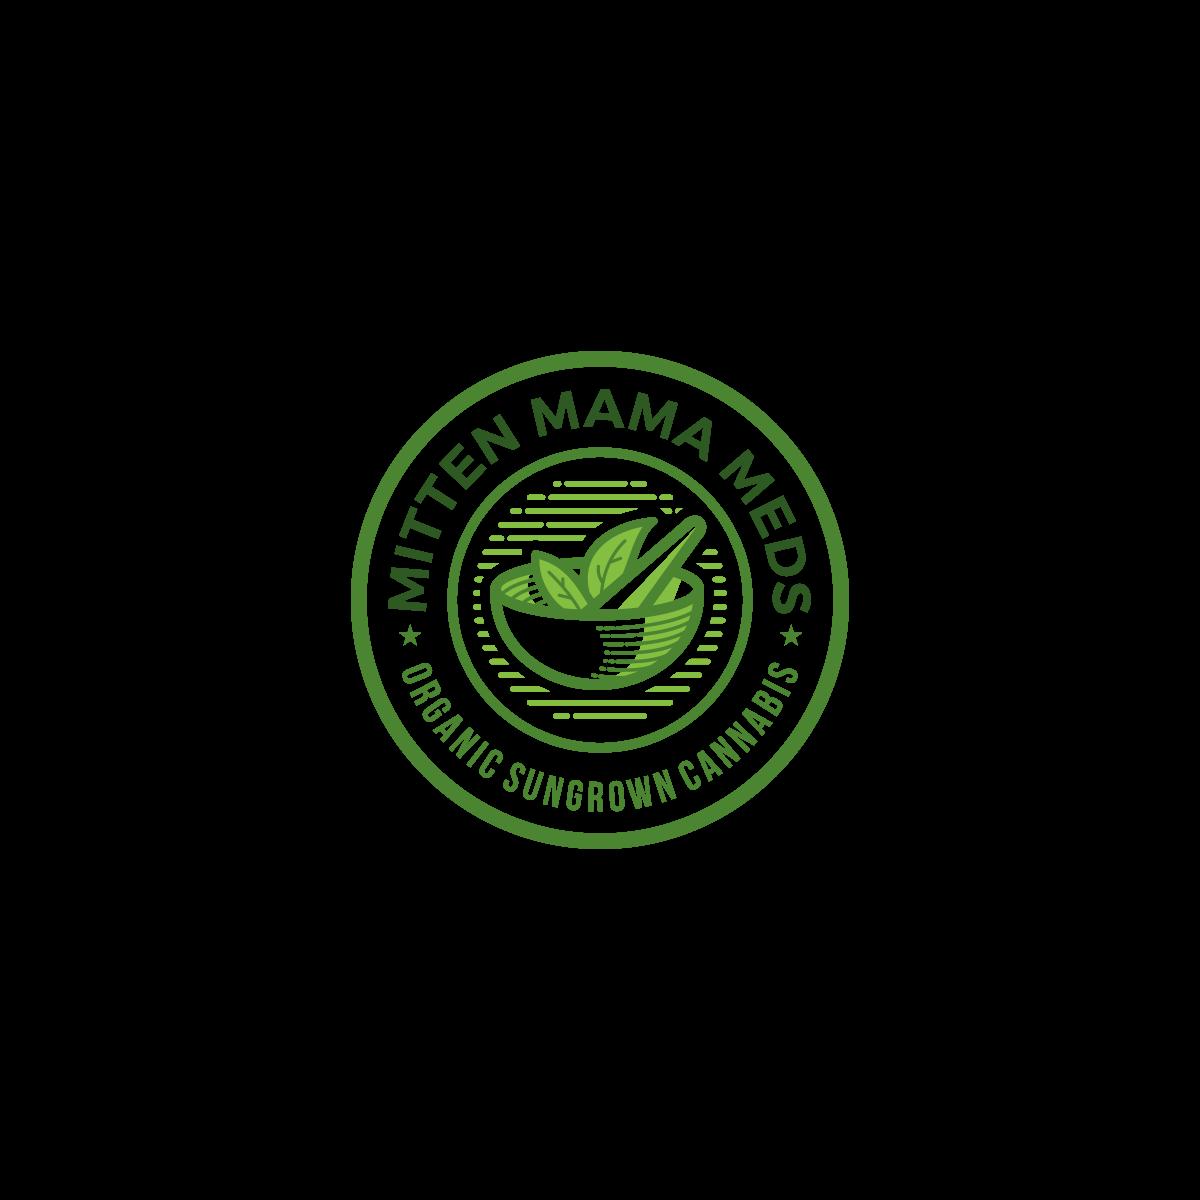 Logo tweaks + updated files